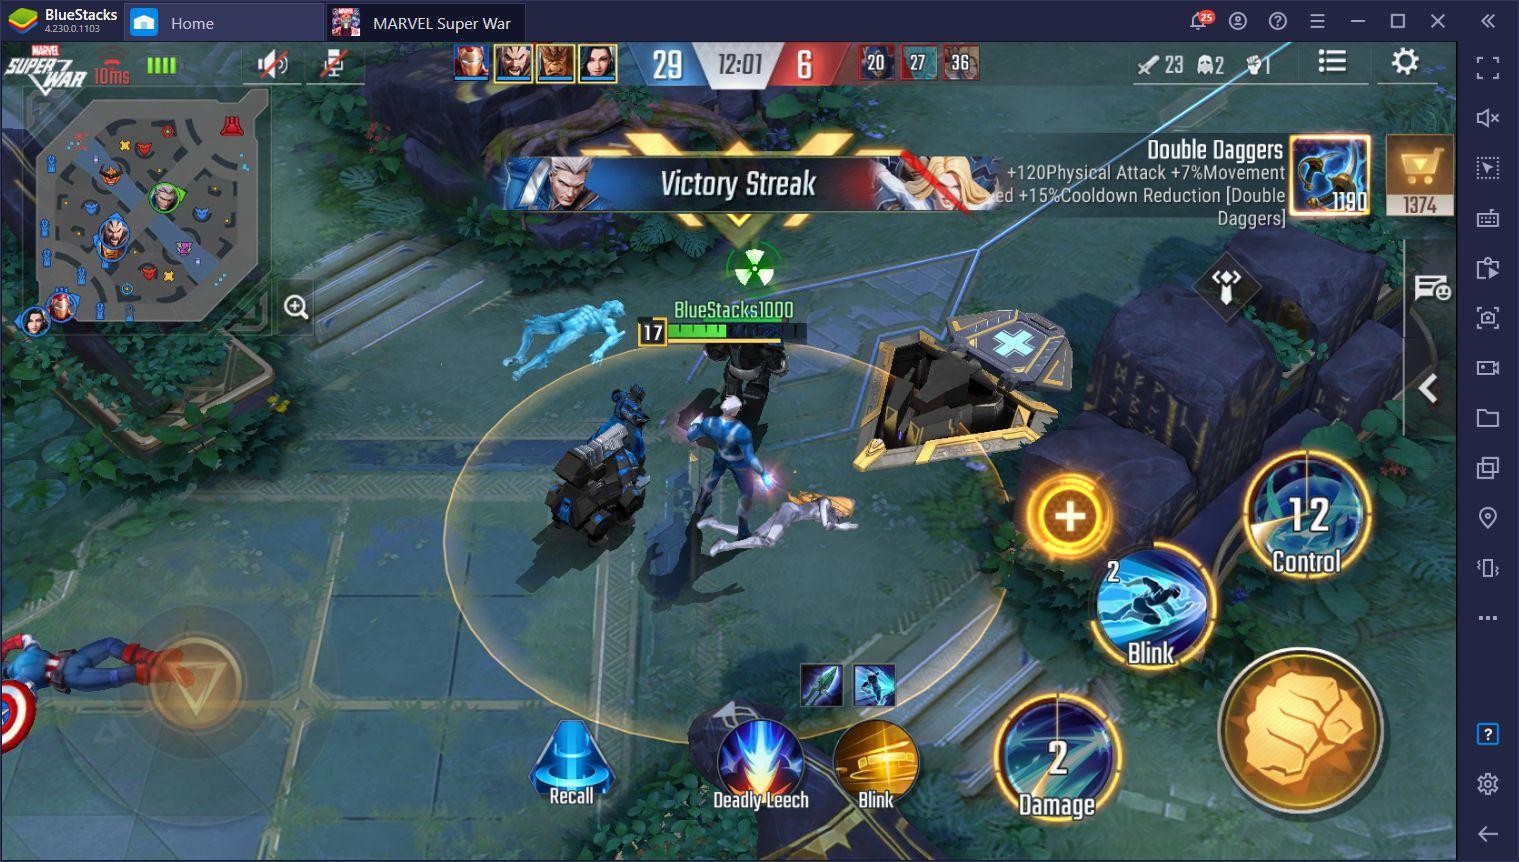 Marvel Super War – Tipps und Tricks für Laning und Kampf